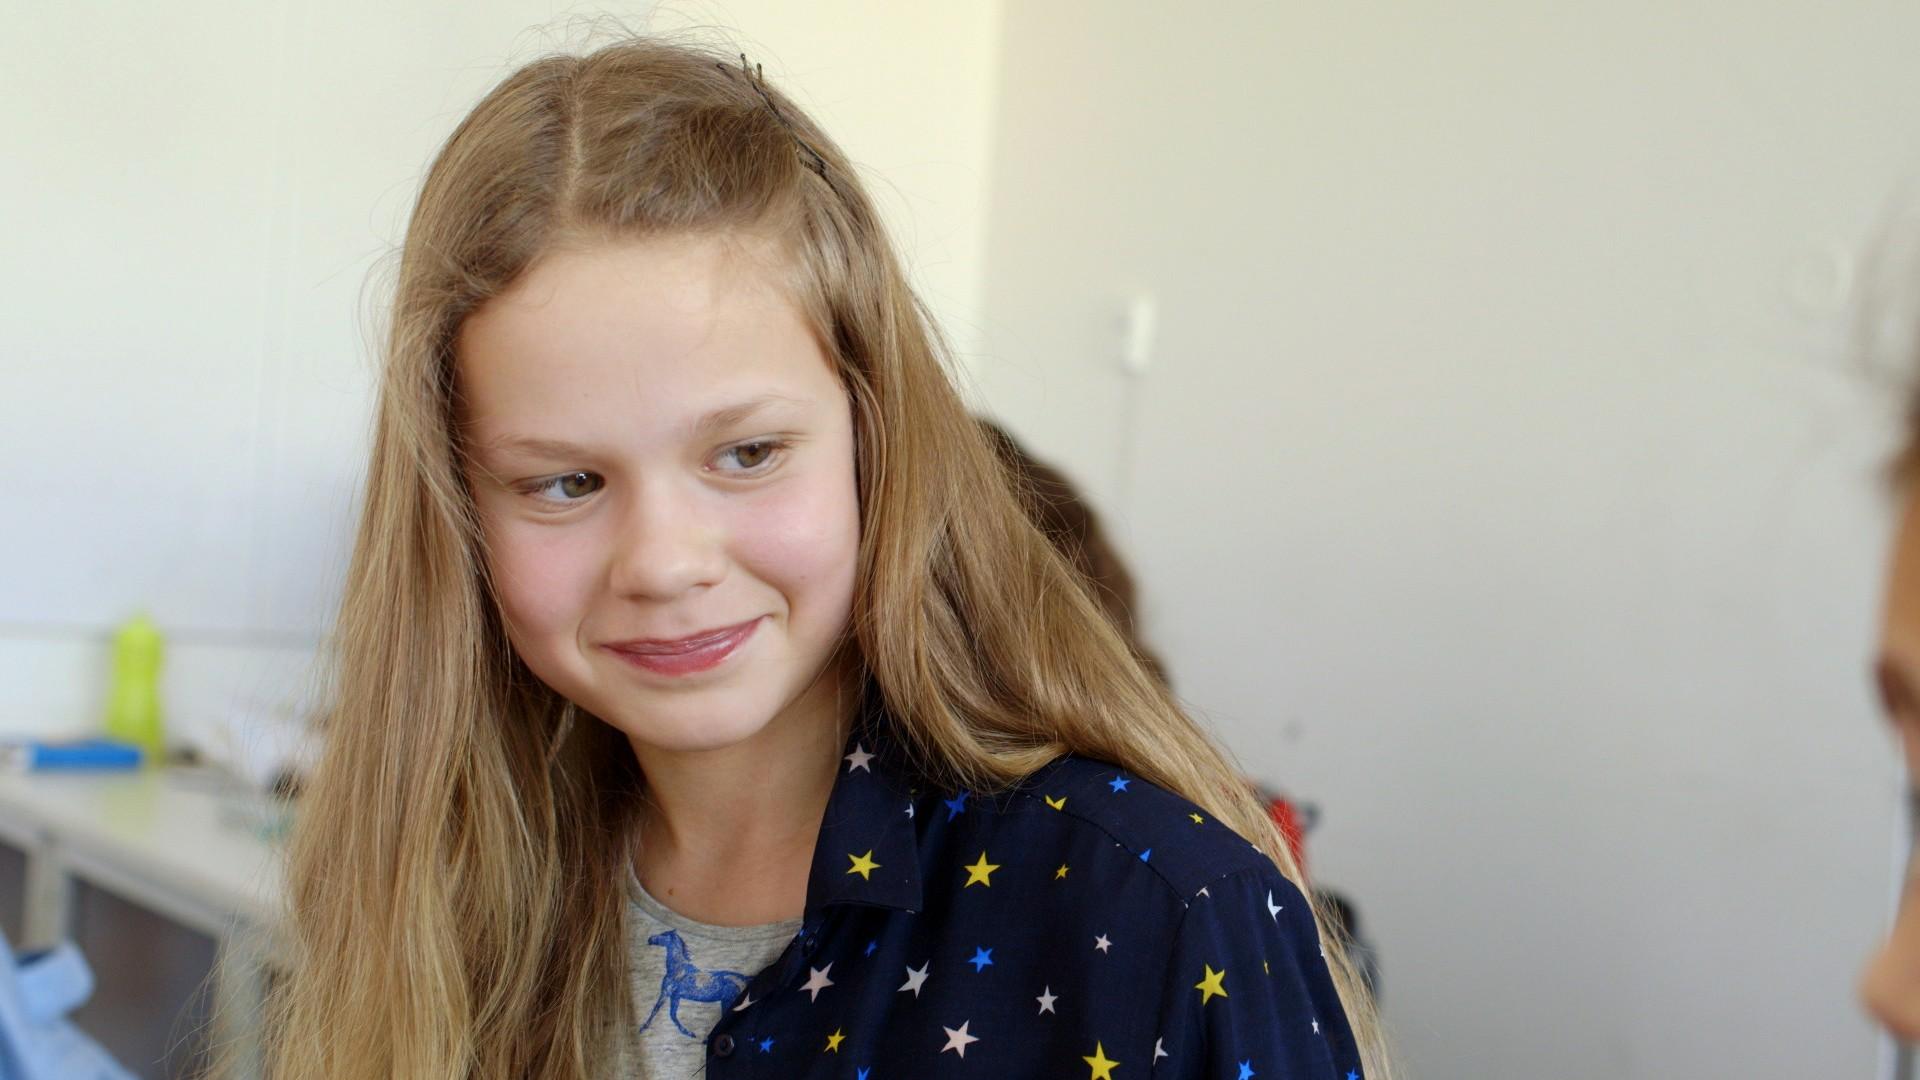 Jenter - 1. Jenter - sesong 5 (Sesong 5) - NRK TV